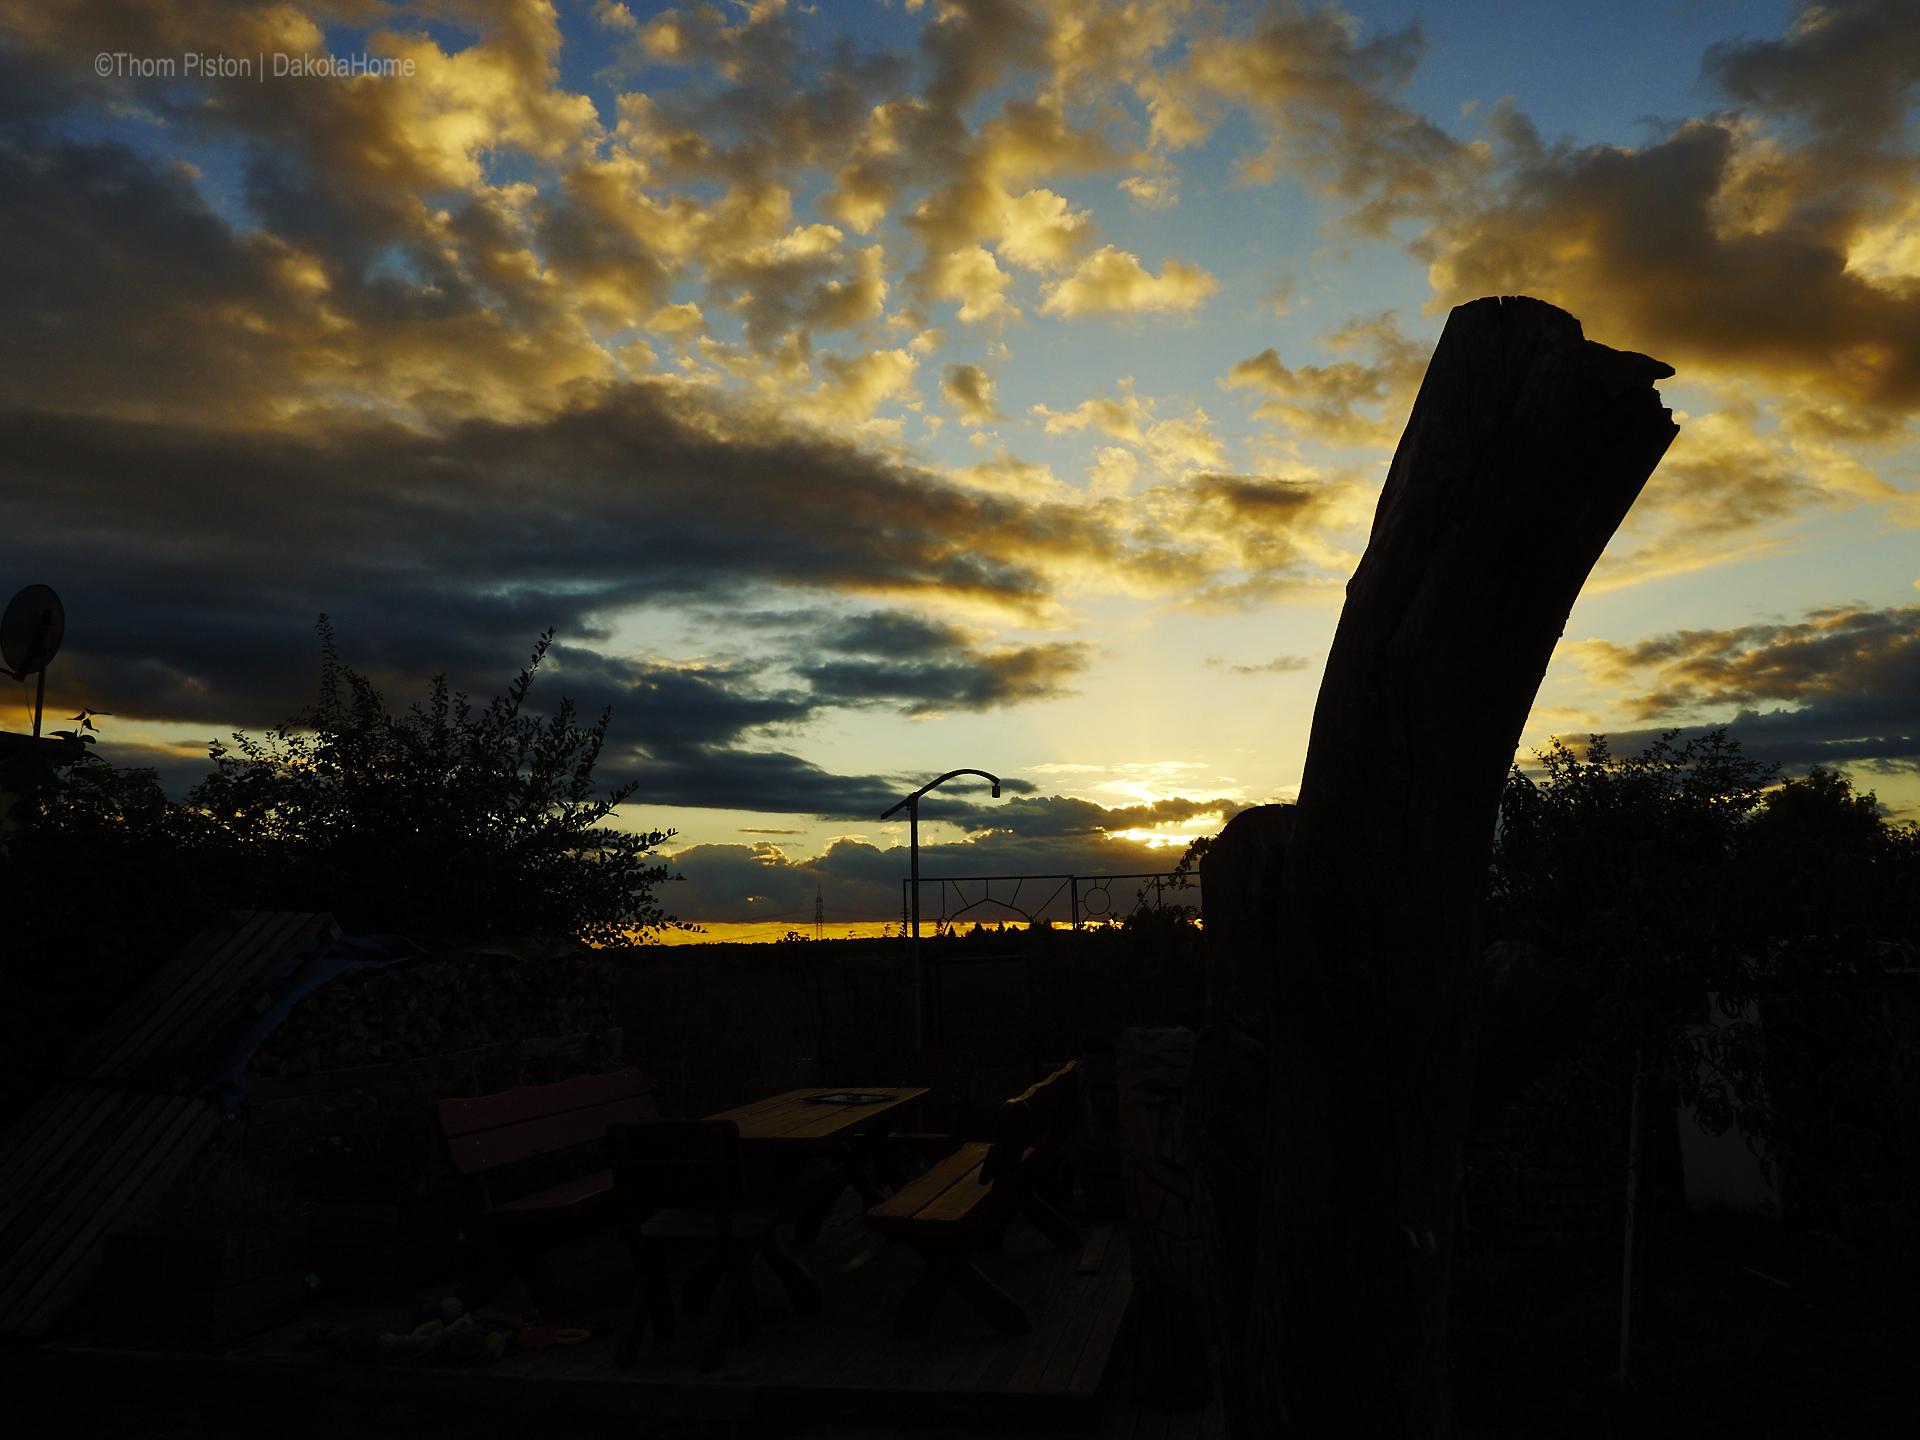 Sonnenuntergänge im Herbst am Dakota Home